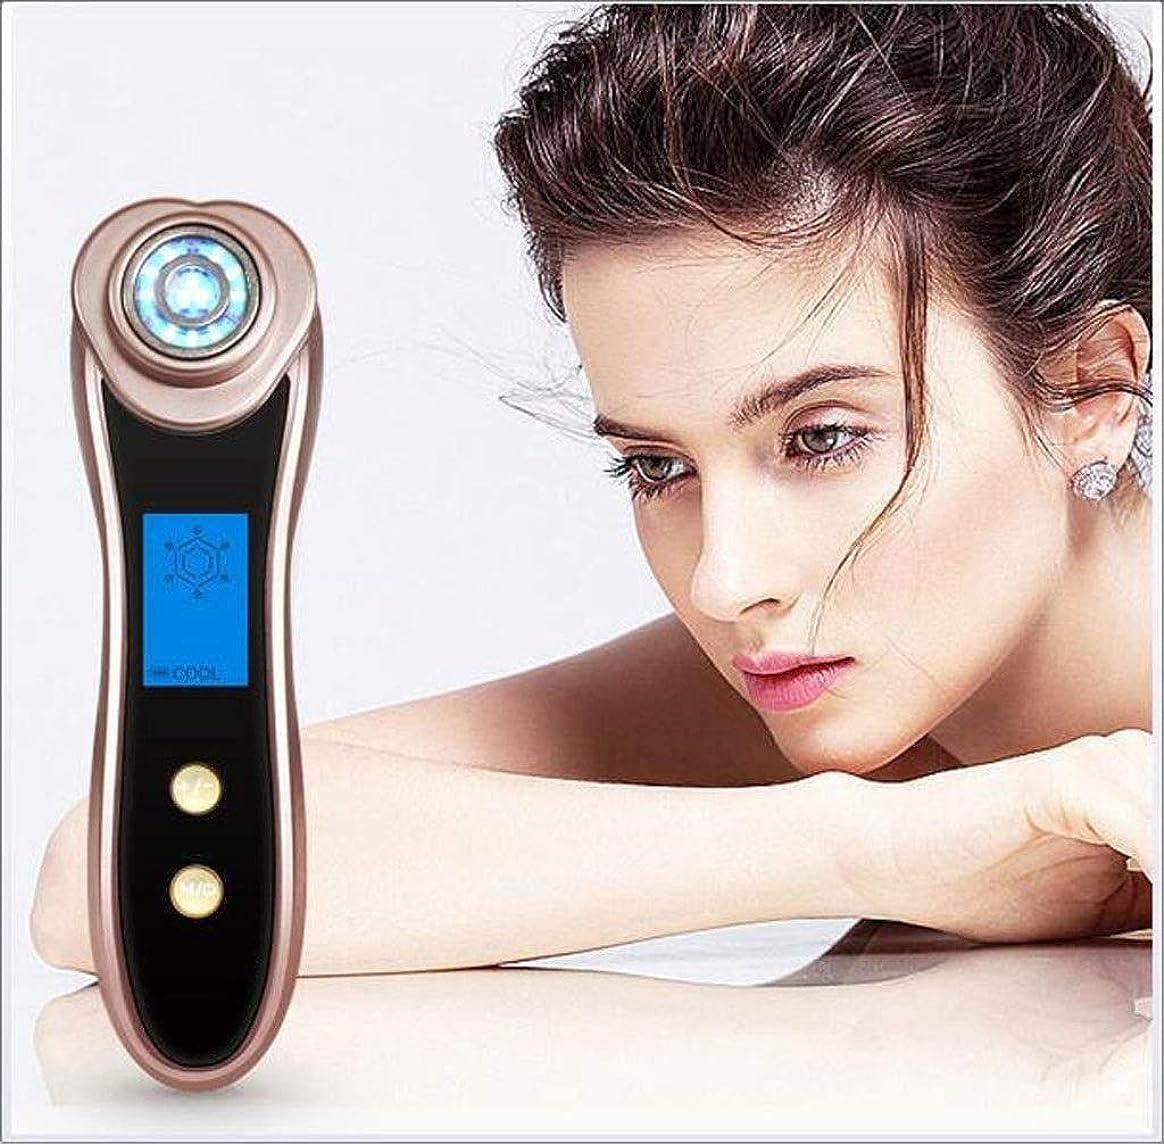 切り離す絶えず湿度表面マッサージャーの顔のクリーニングLEDライト振動美機械